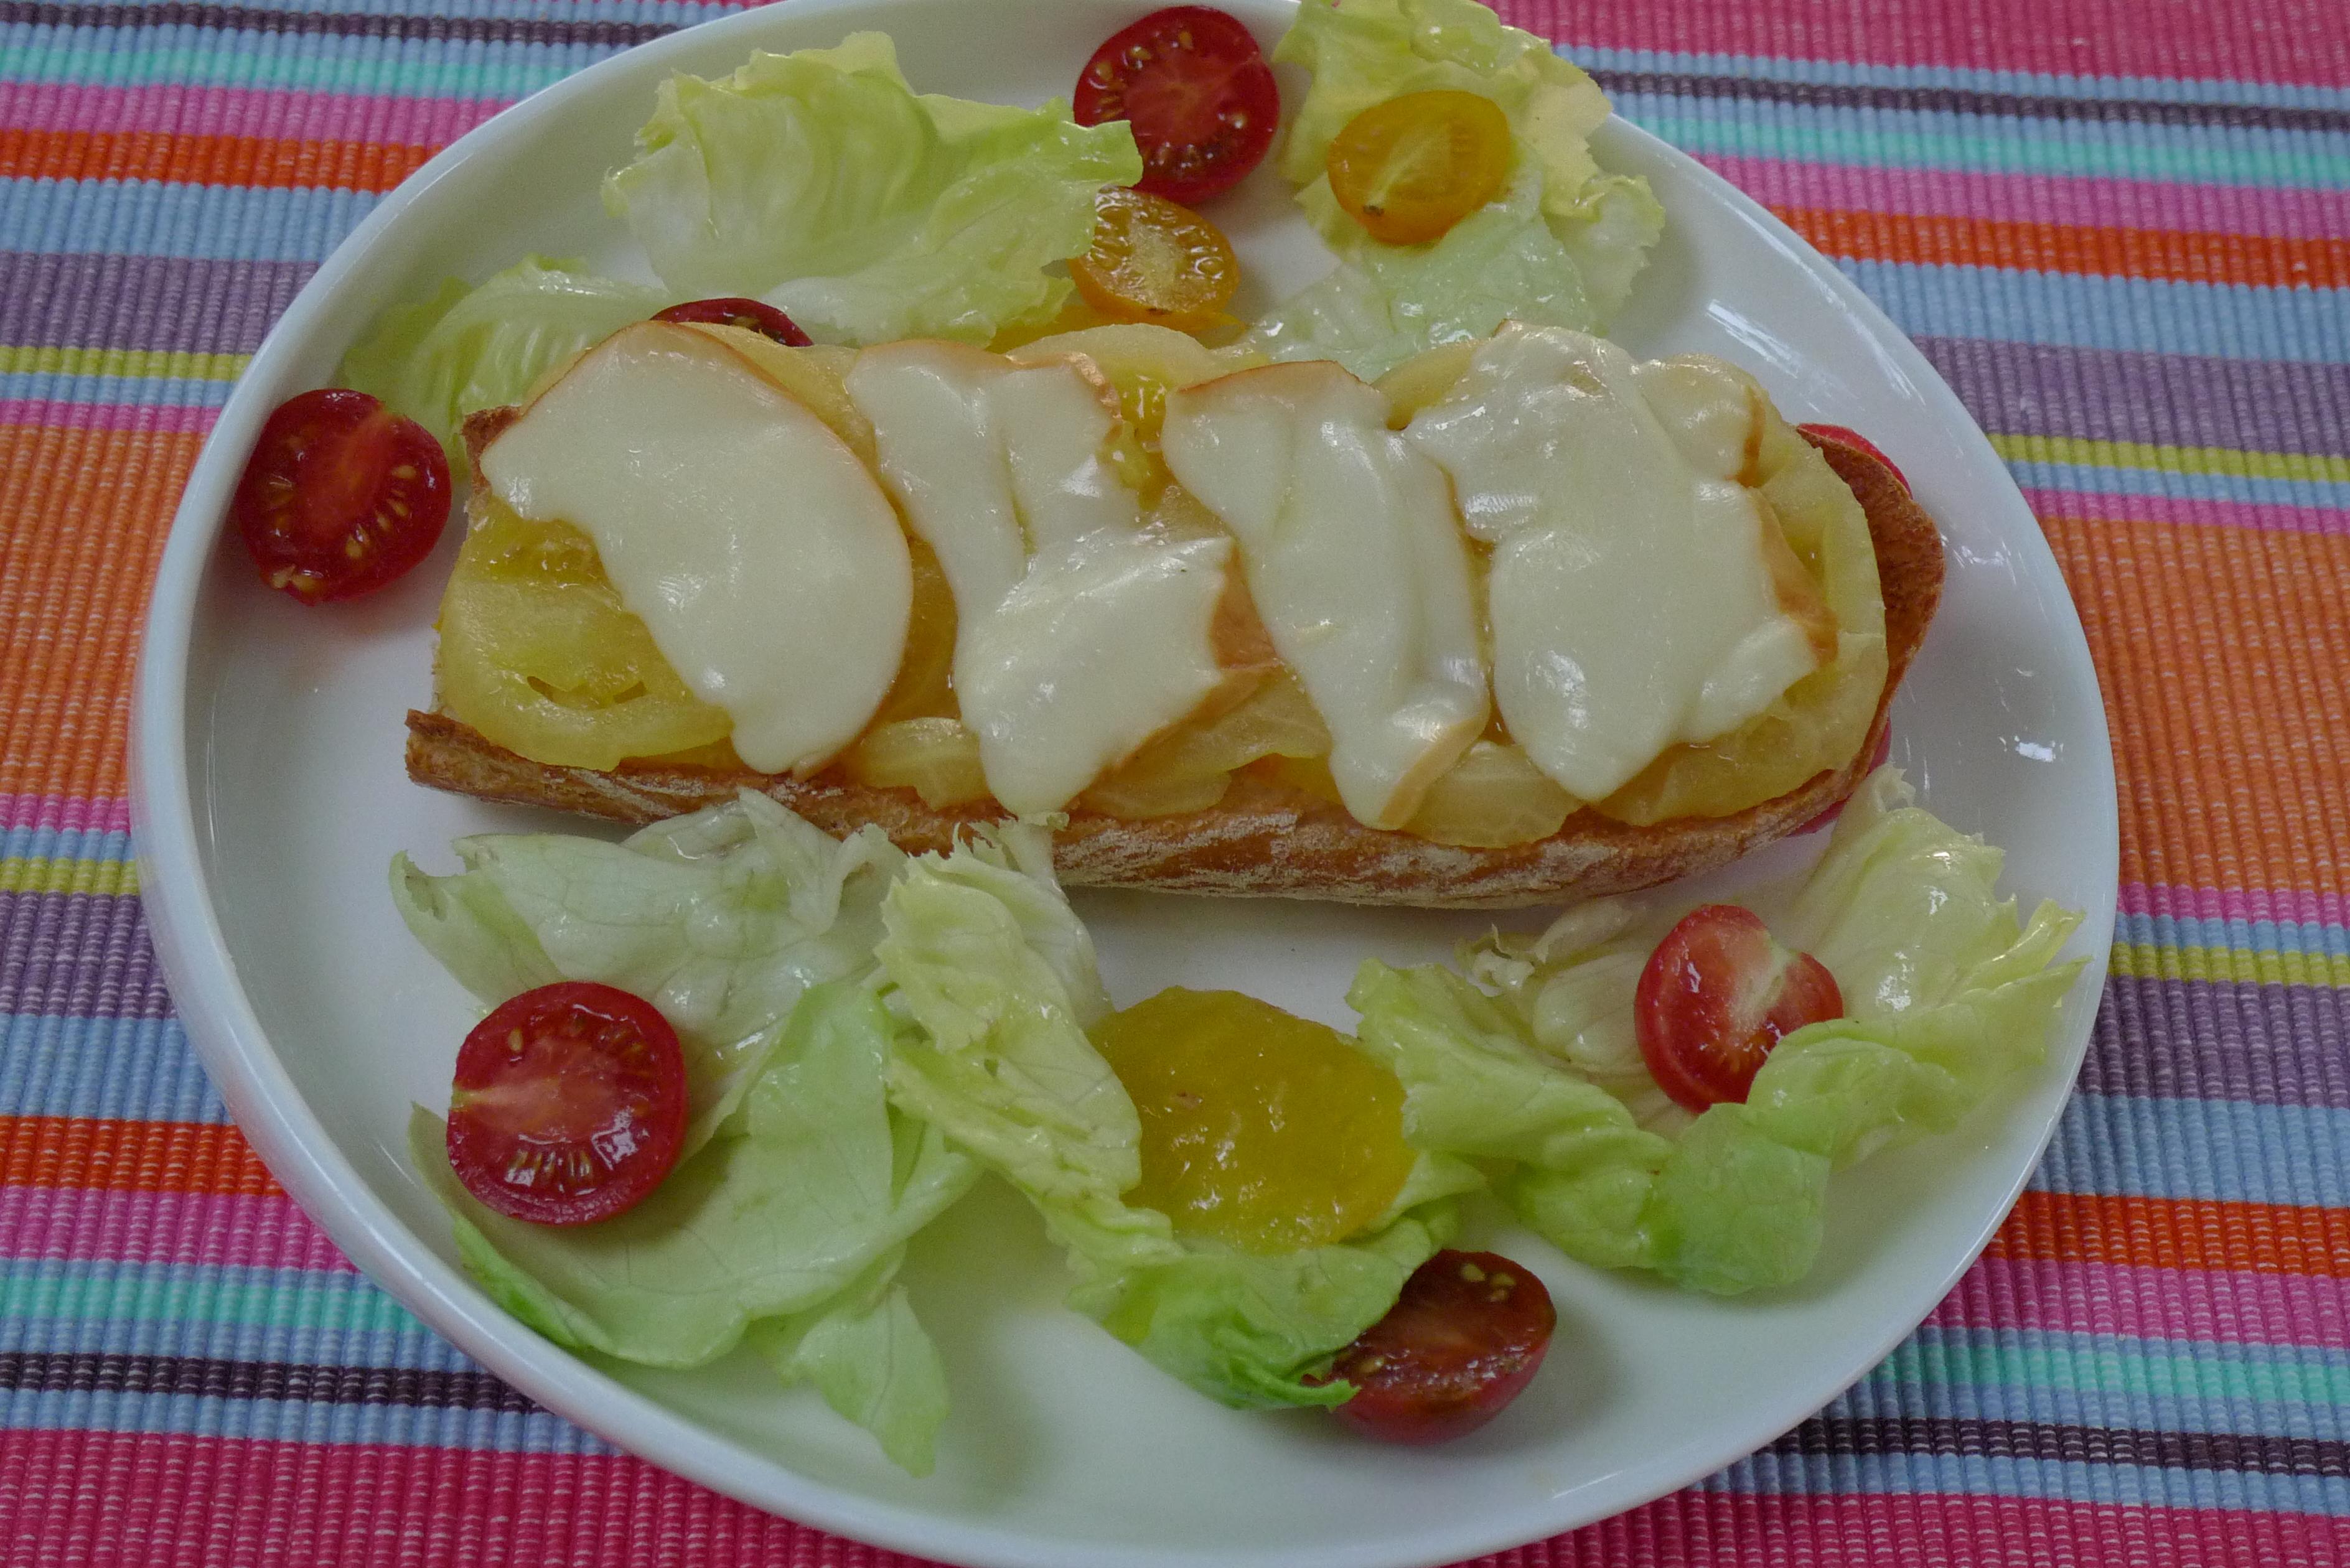 Recettes de tomates ananas par kilometre 0 bruschetta - Cuisiner les choux de bruxelle ...